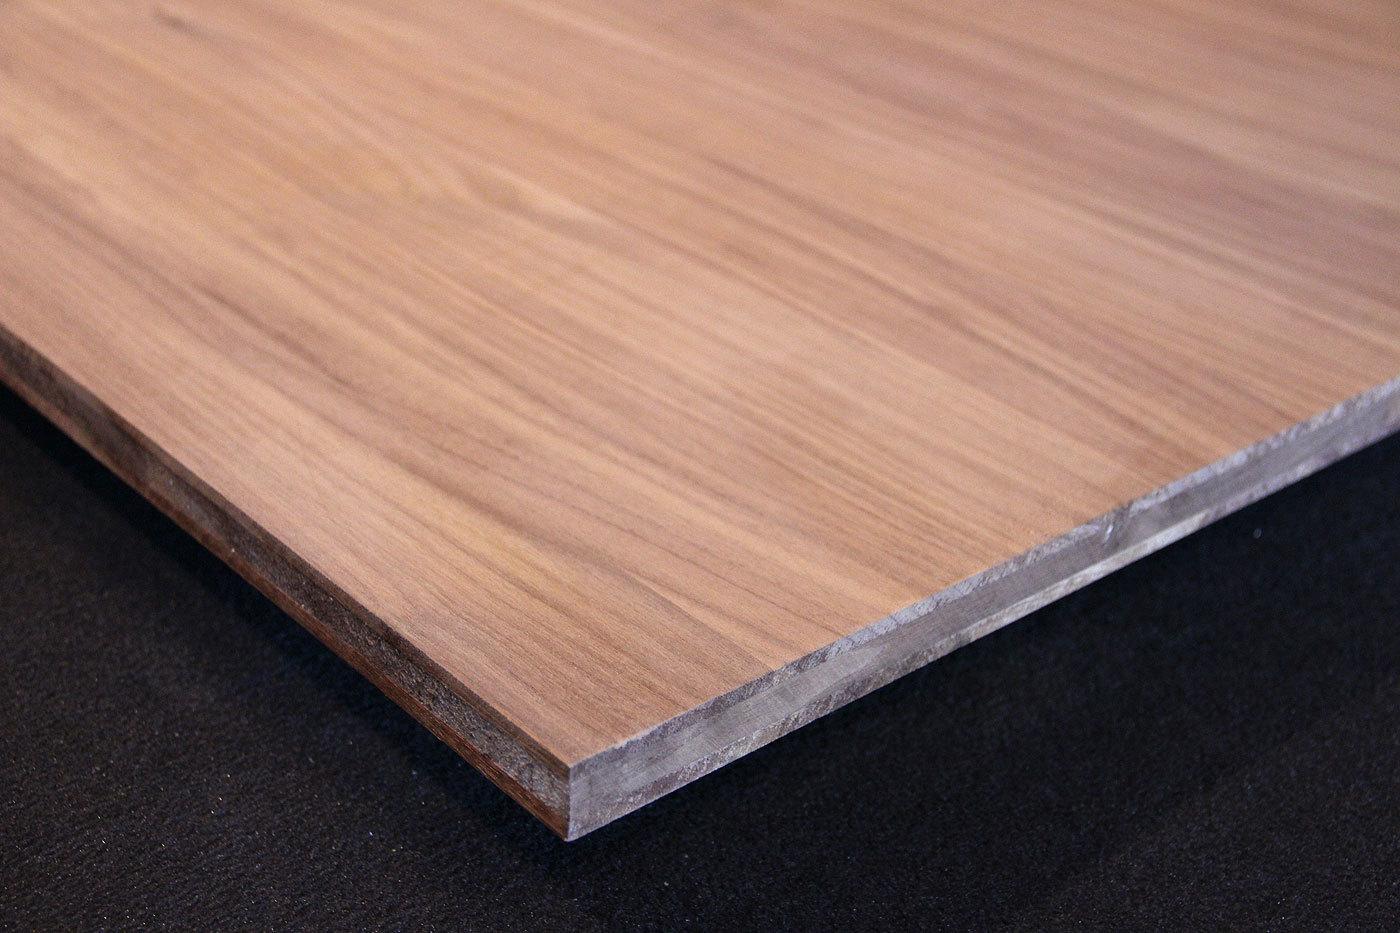 3 schicht platte drei schicht platte amerik nussbaum. Black Bedroom Furniture Sets. Home Design Ideas